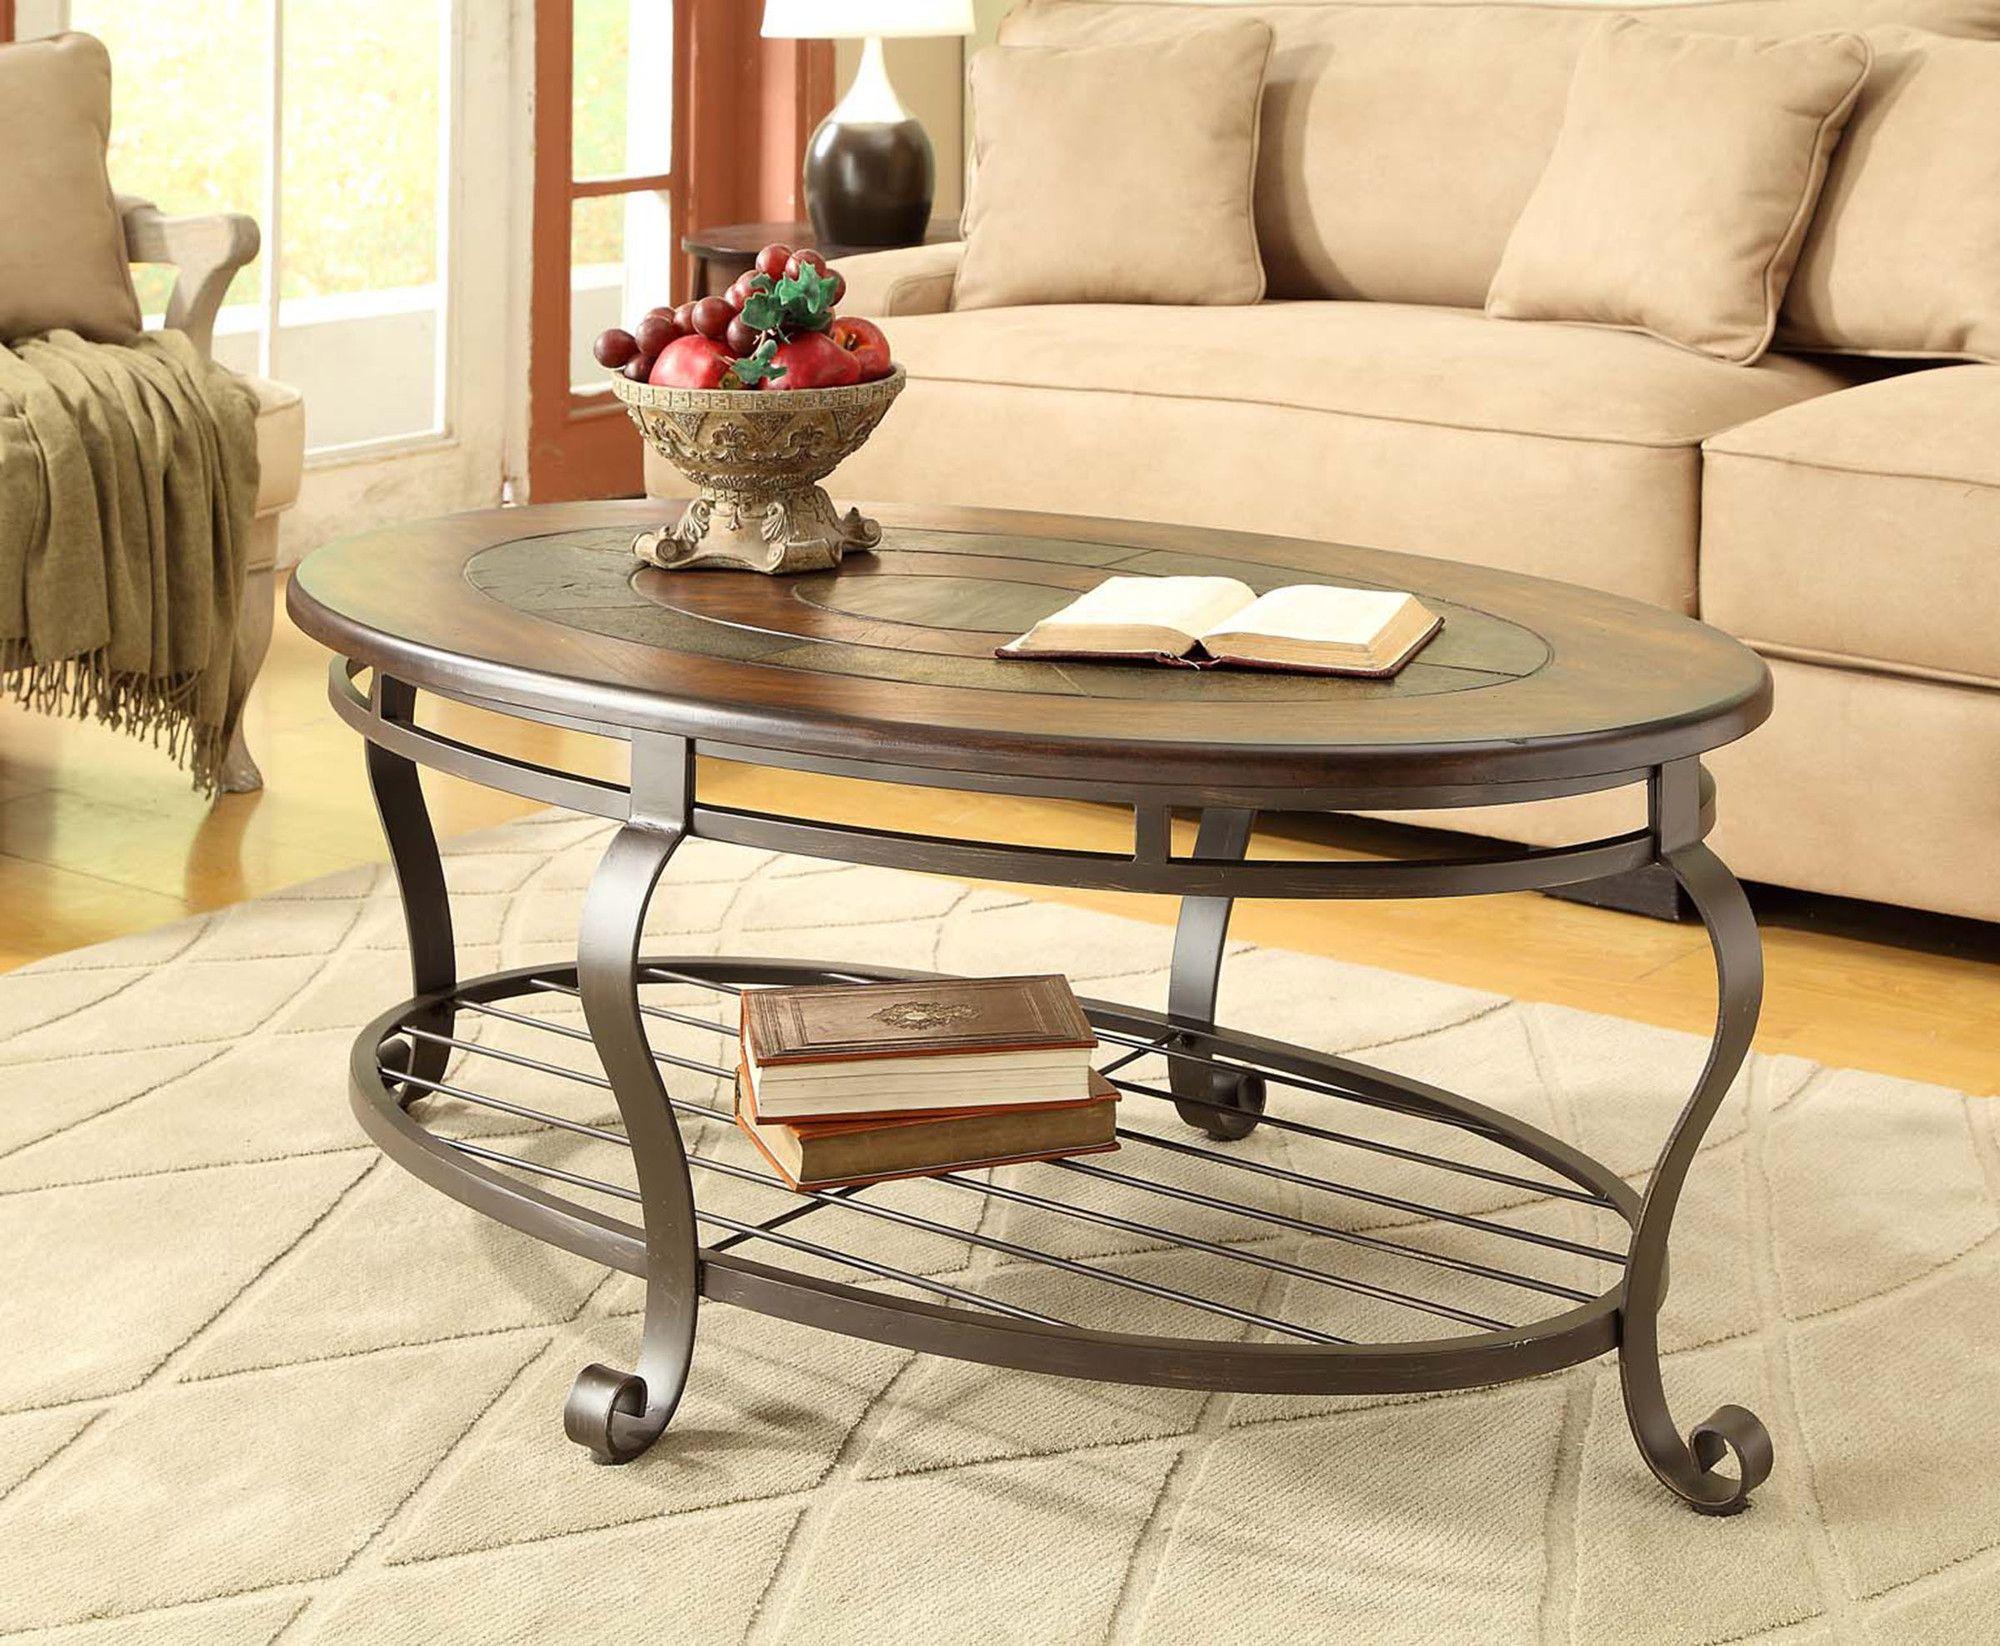 Riverside Furniture Eastview Coffee Table & Reviews | Wayfair ...